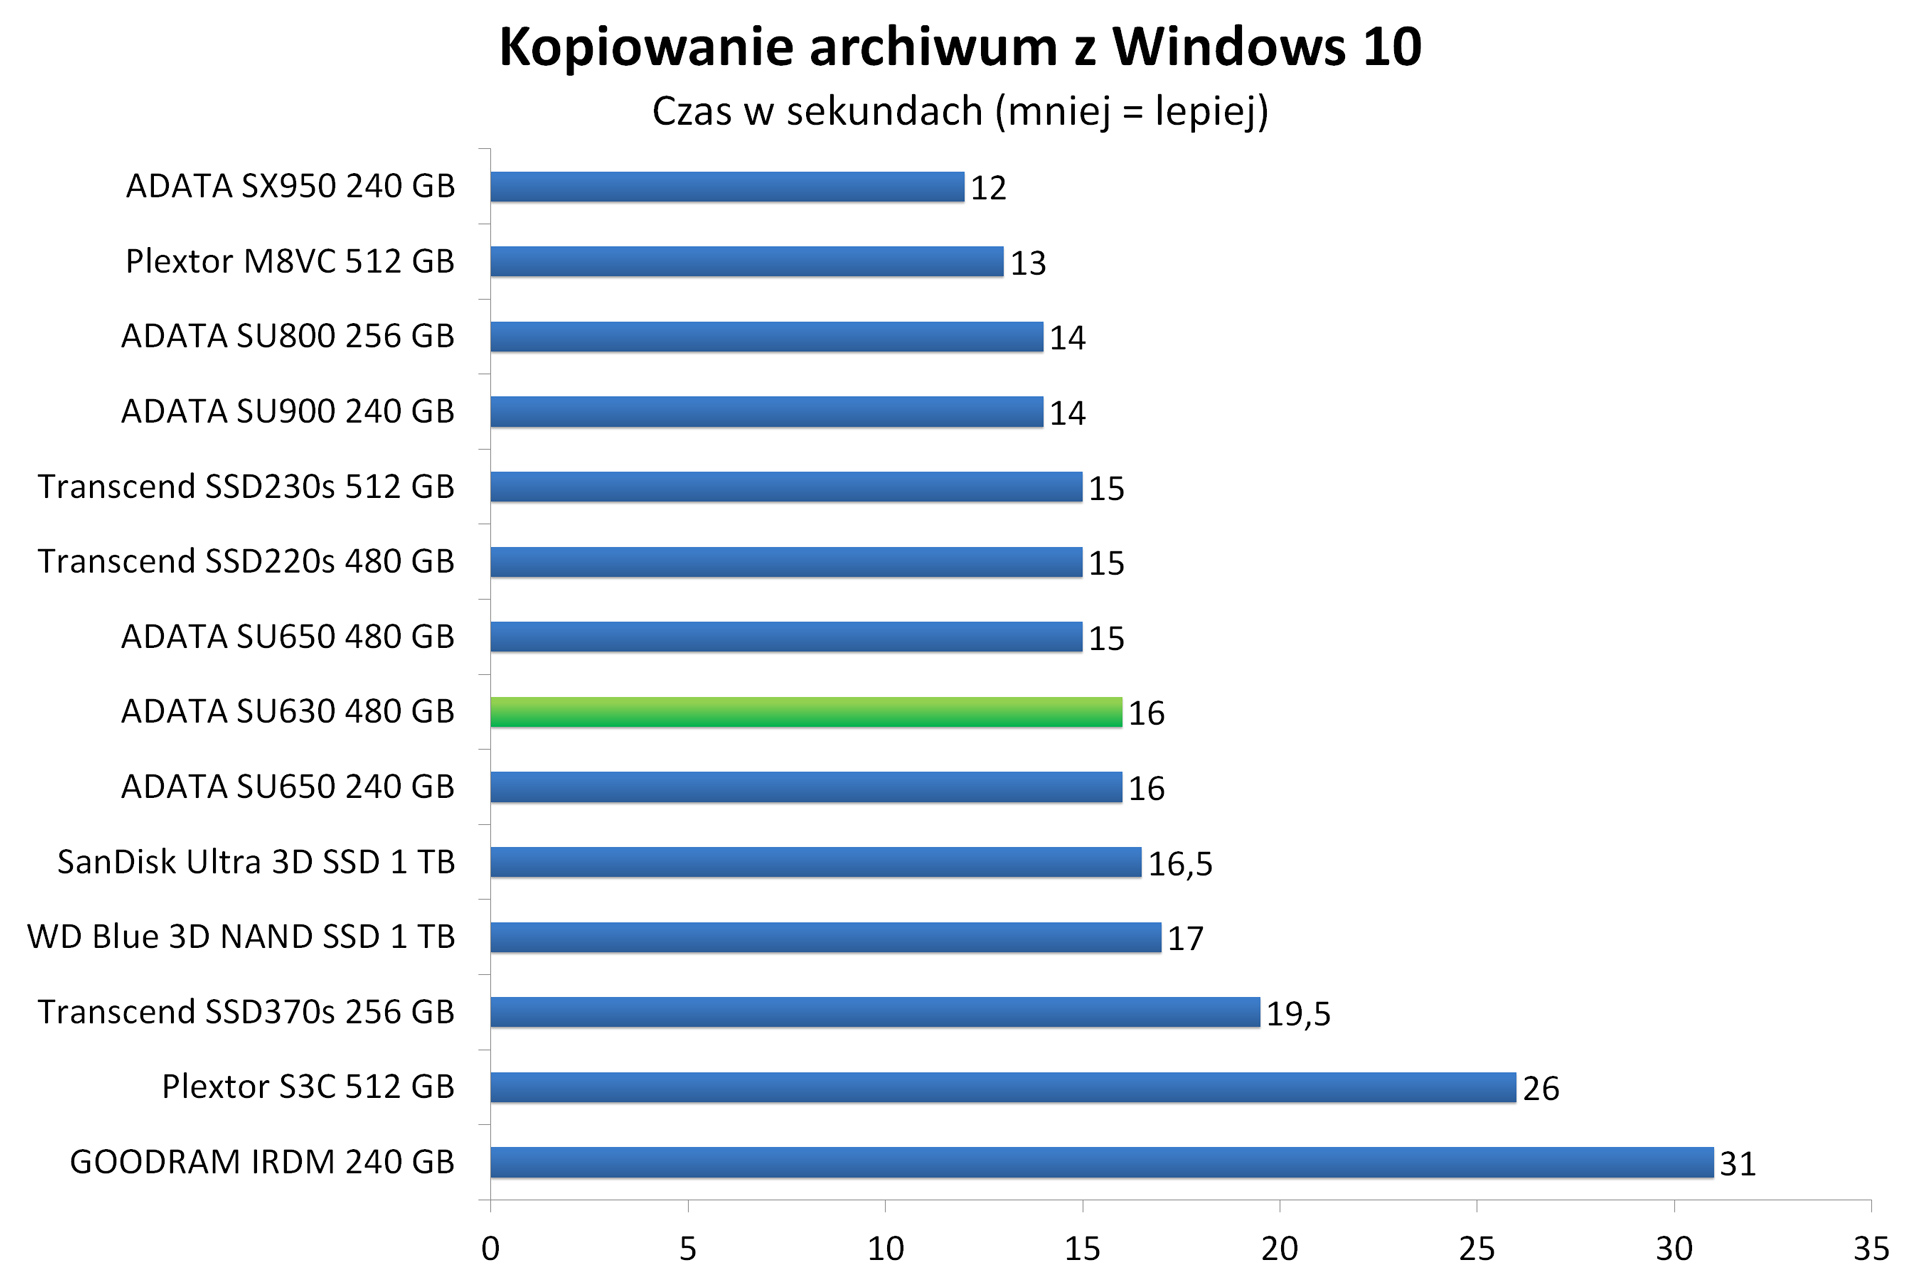 ADATA SU630 480 GB - Kopiowanie spakowanego obrazu Windows 10 w 7-zip